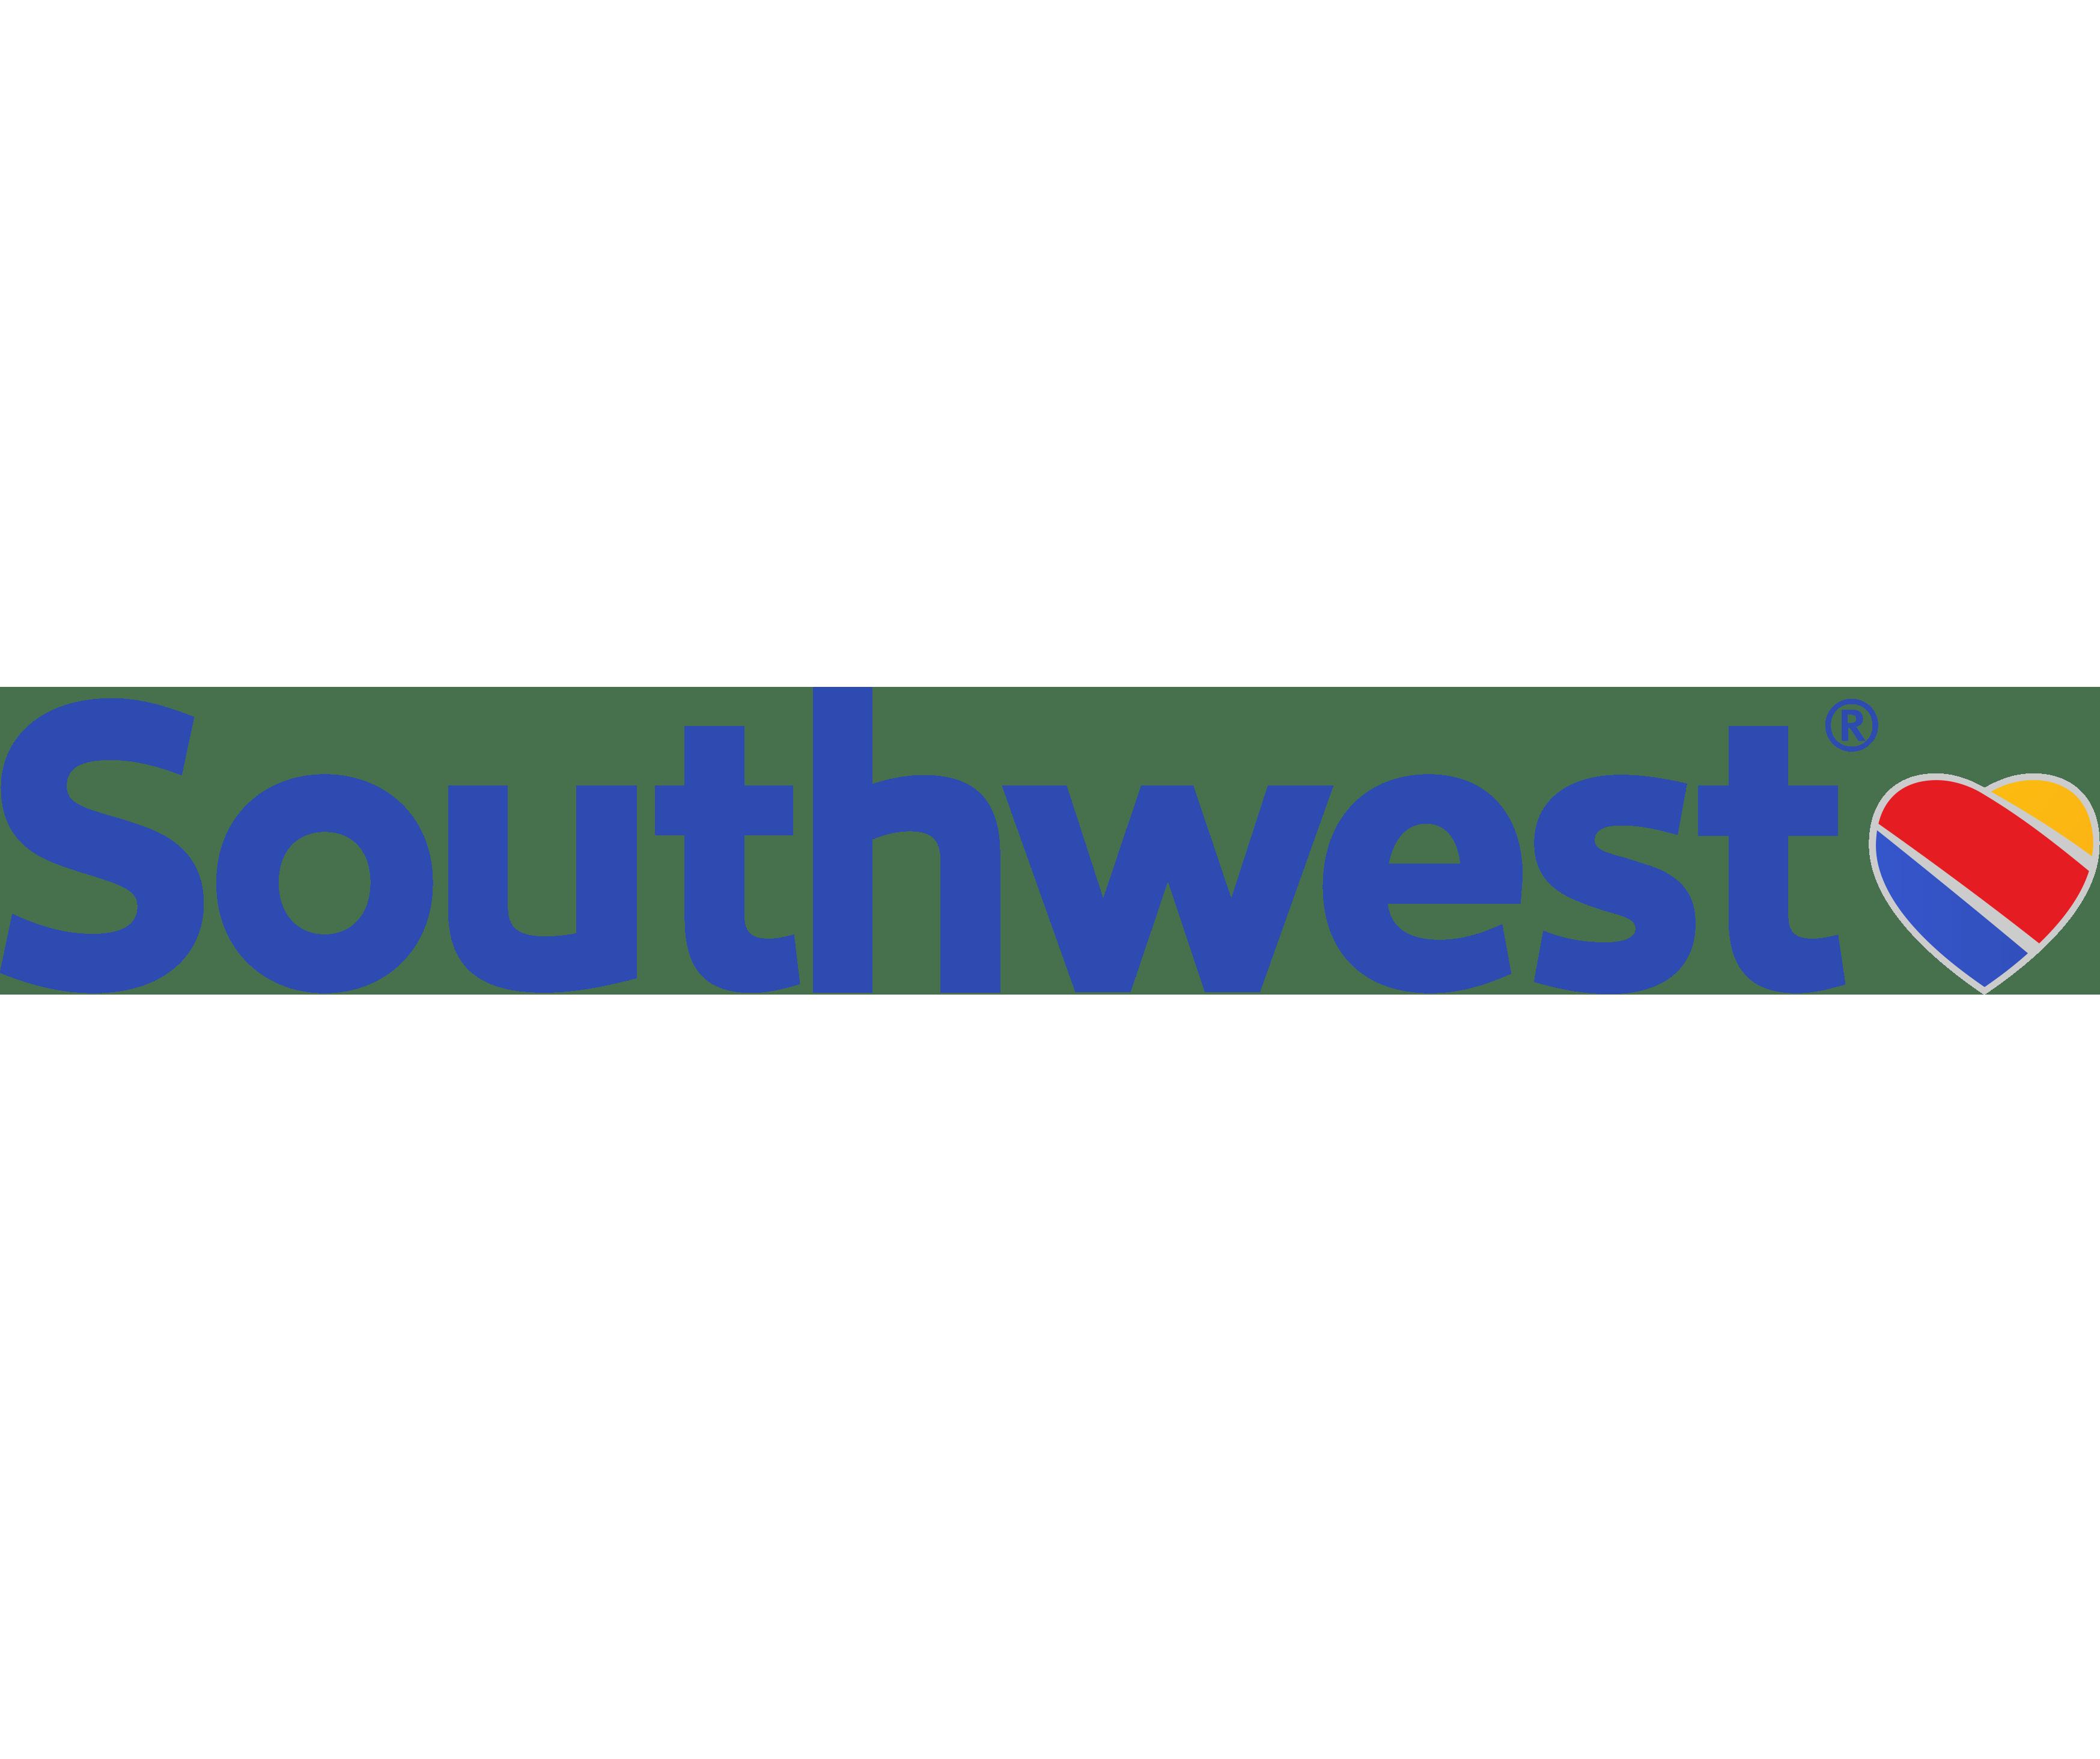 southwa-1